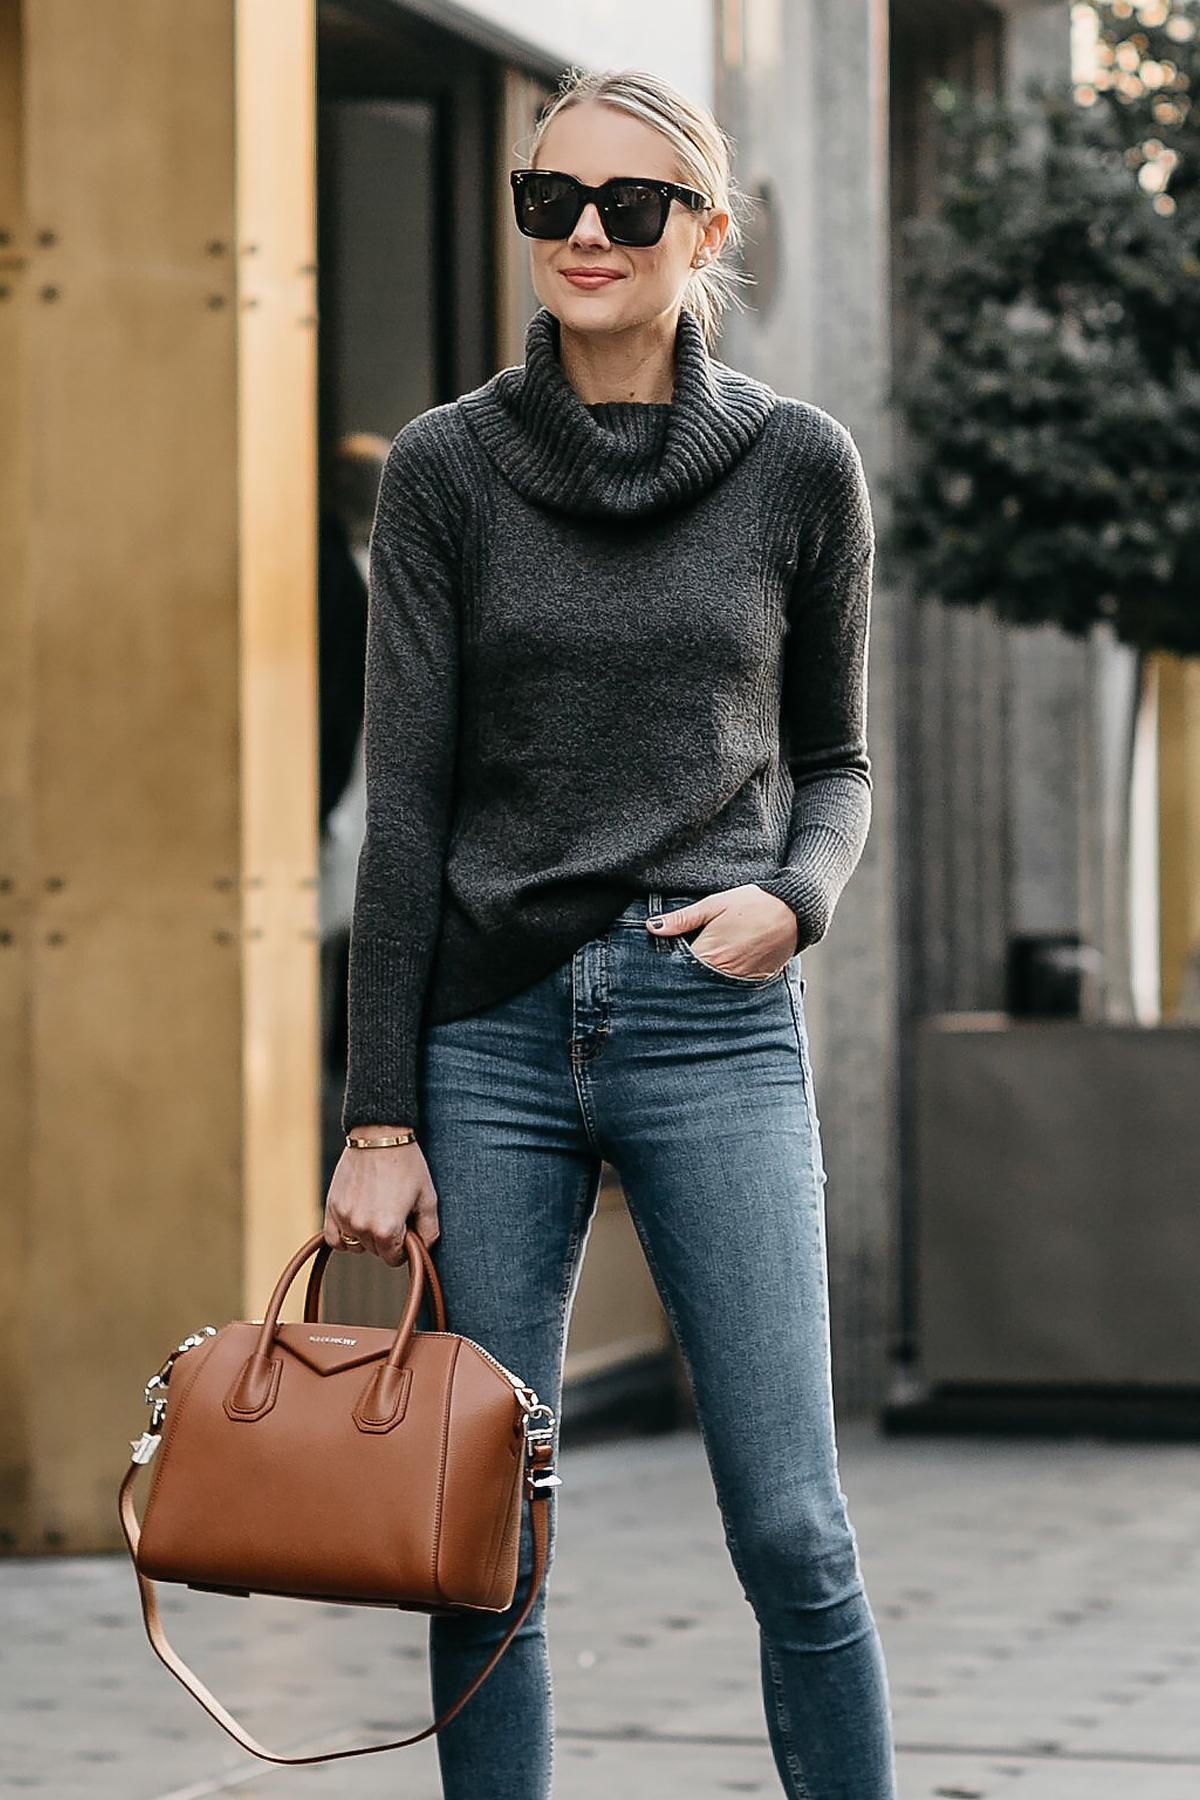 db87a8db04dd Blonde Woman Wearing Grey Turtleneck Sweater Denim Skinny Jeans Givenchy  Antigona Cognac Handbag Fashion Jackson Dallas